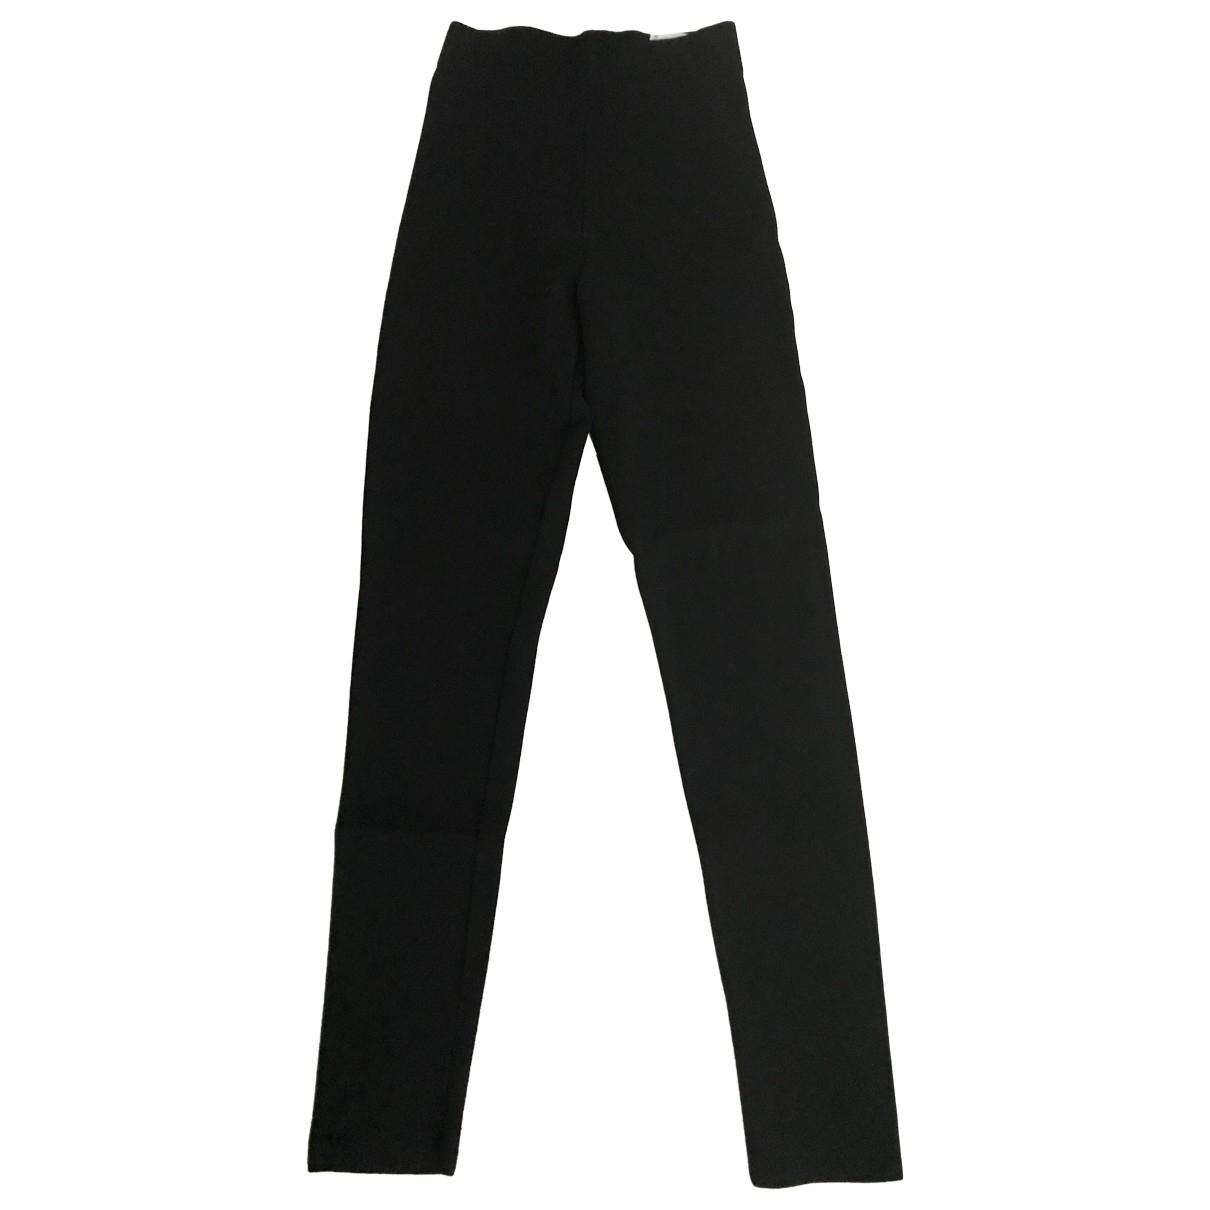 Moncler \N Black Trousers for Women S International